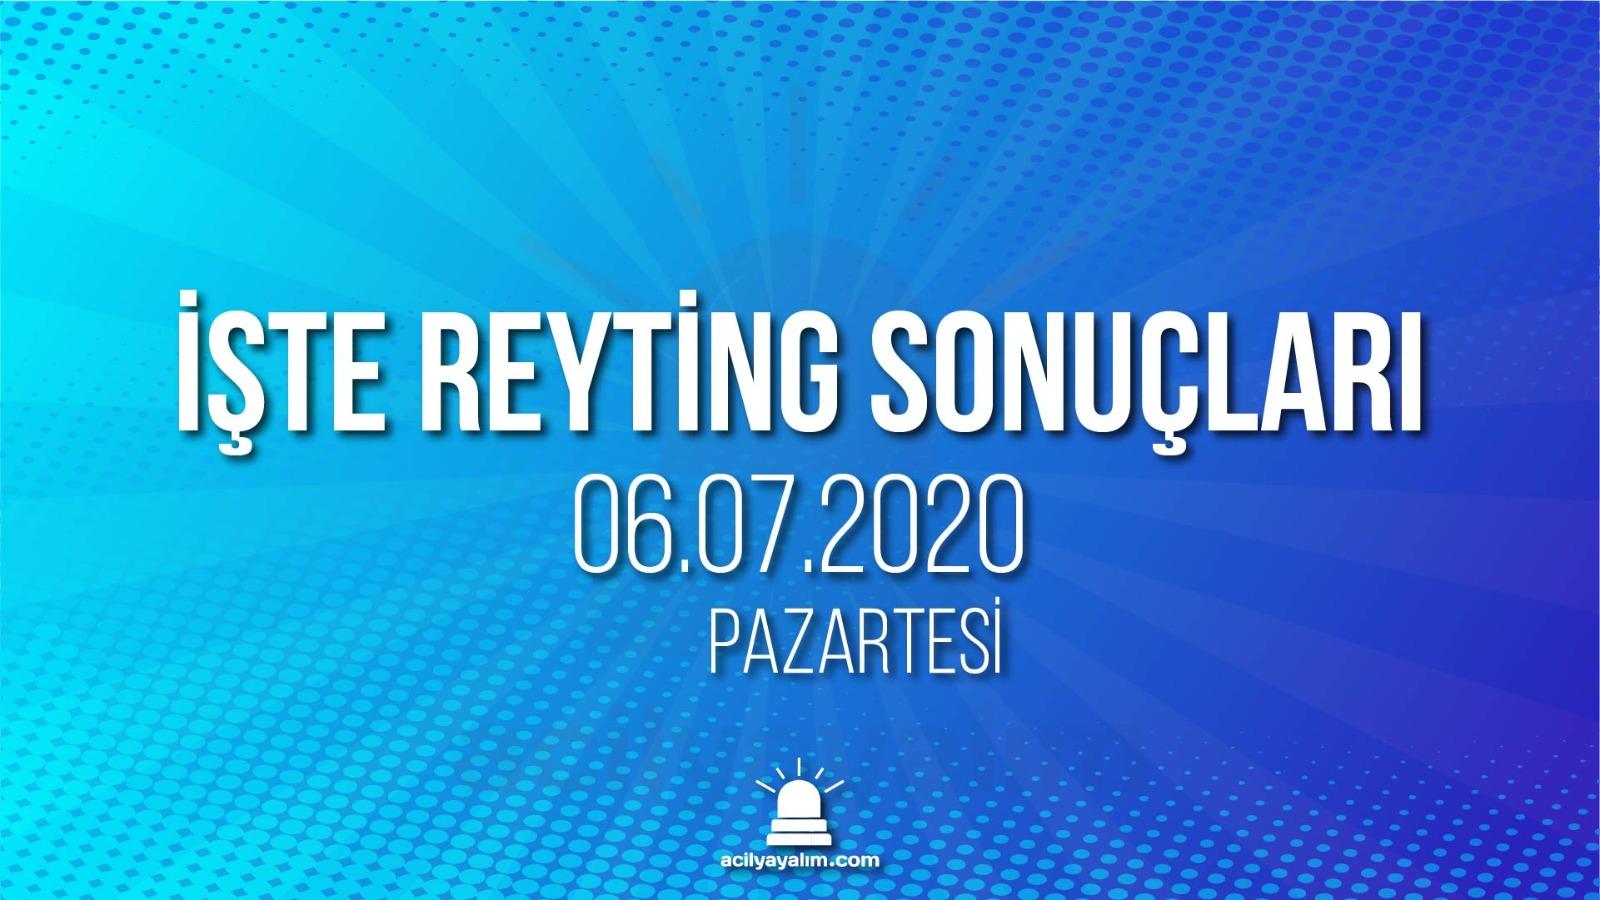 6 Temmuz 2020 Pazartesi reyting sonuçları